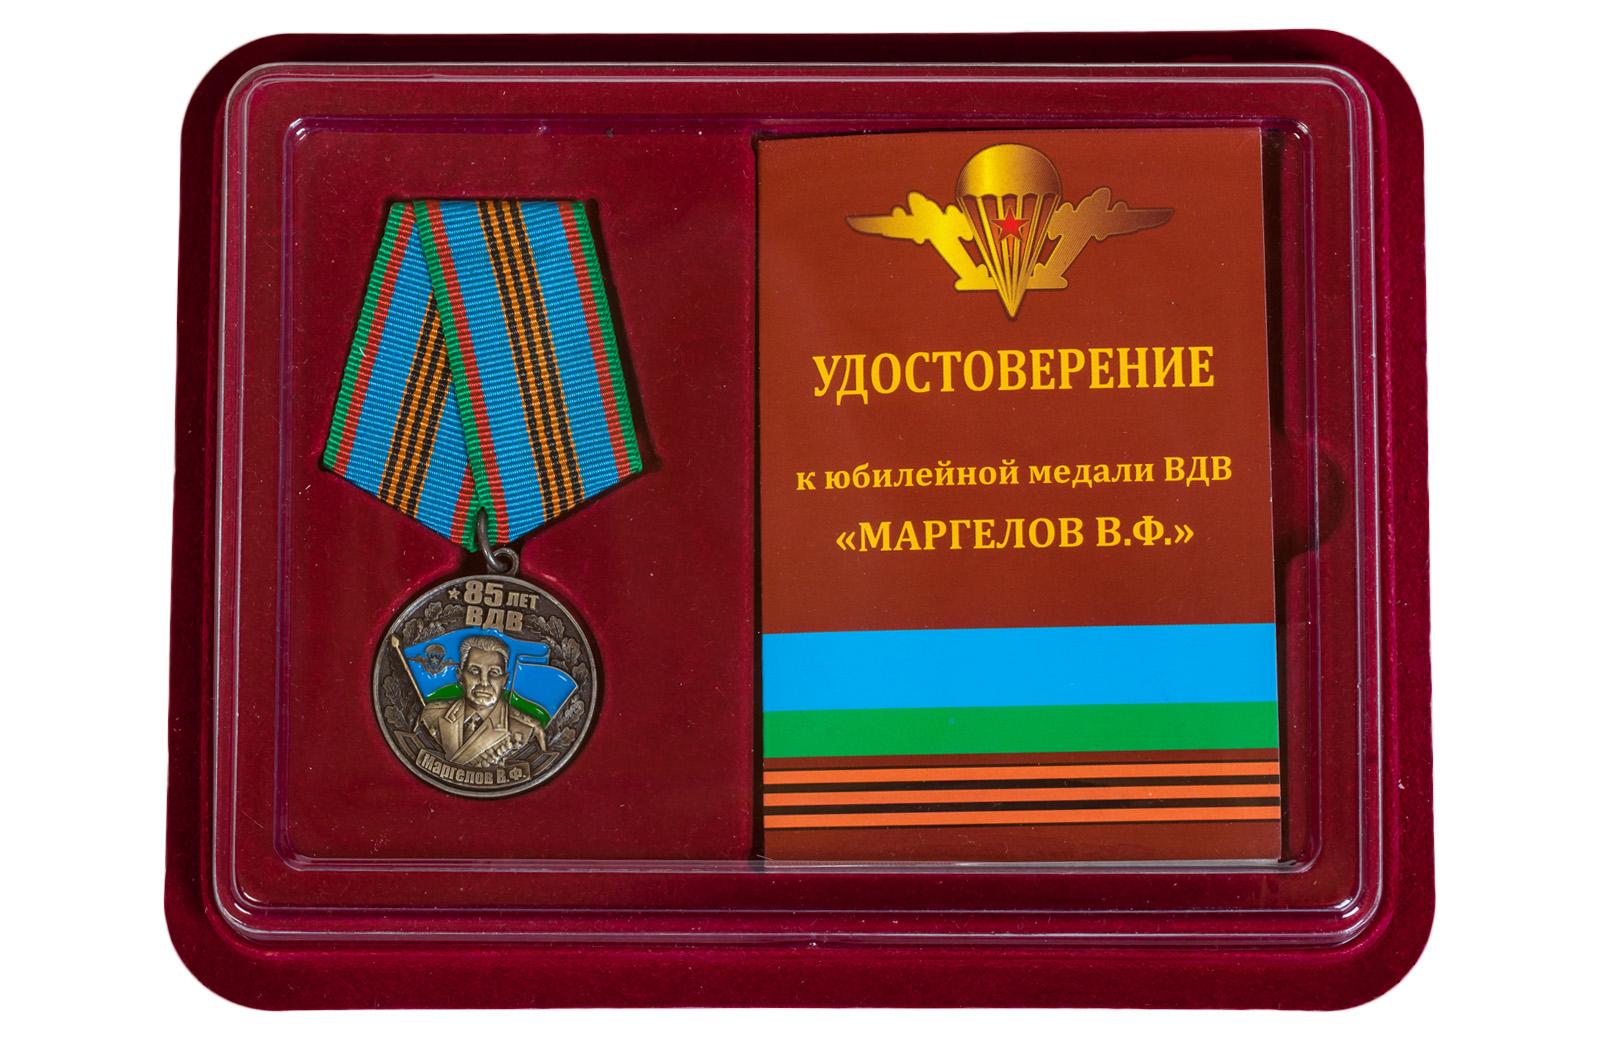 Купить медаль ВДВ с изображением Маргелова в футляре из бордового флока в подарок